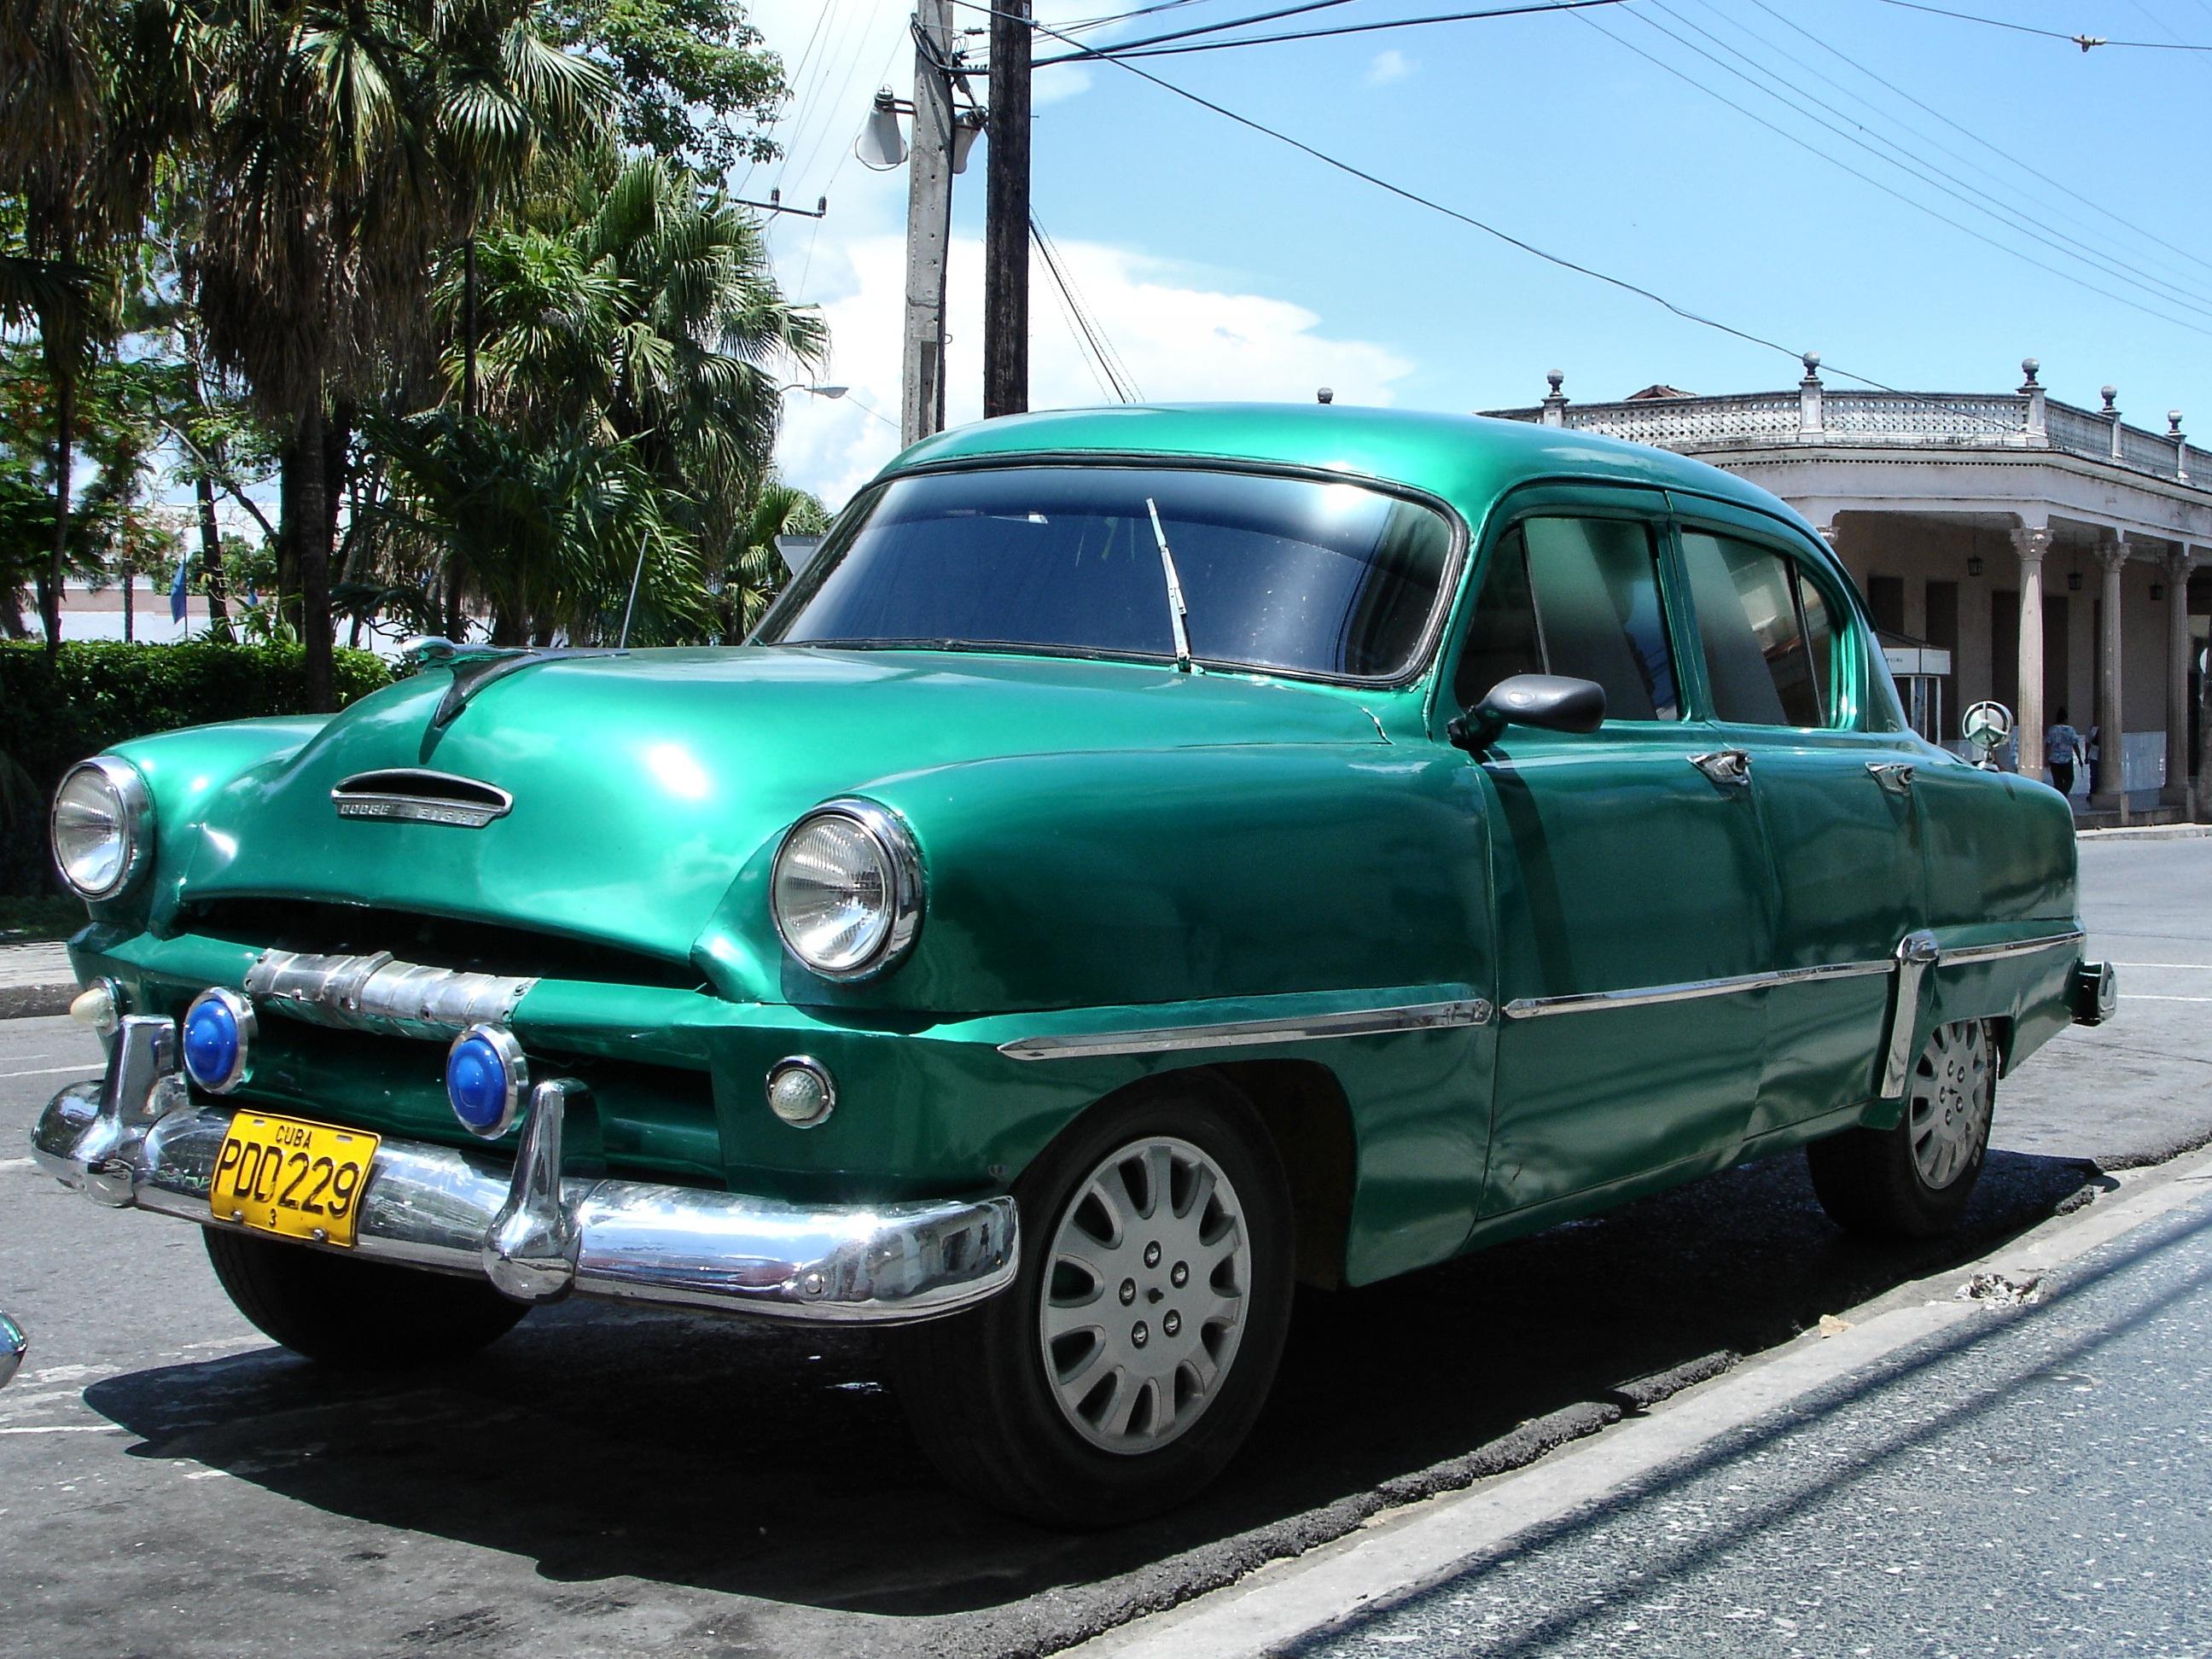 gambar vintage retro mobil tua mobil klasik kendaraan bermotor mobil antik kuba sedan. Black Bedroom Furniture Sets. Home Design Ideas